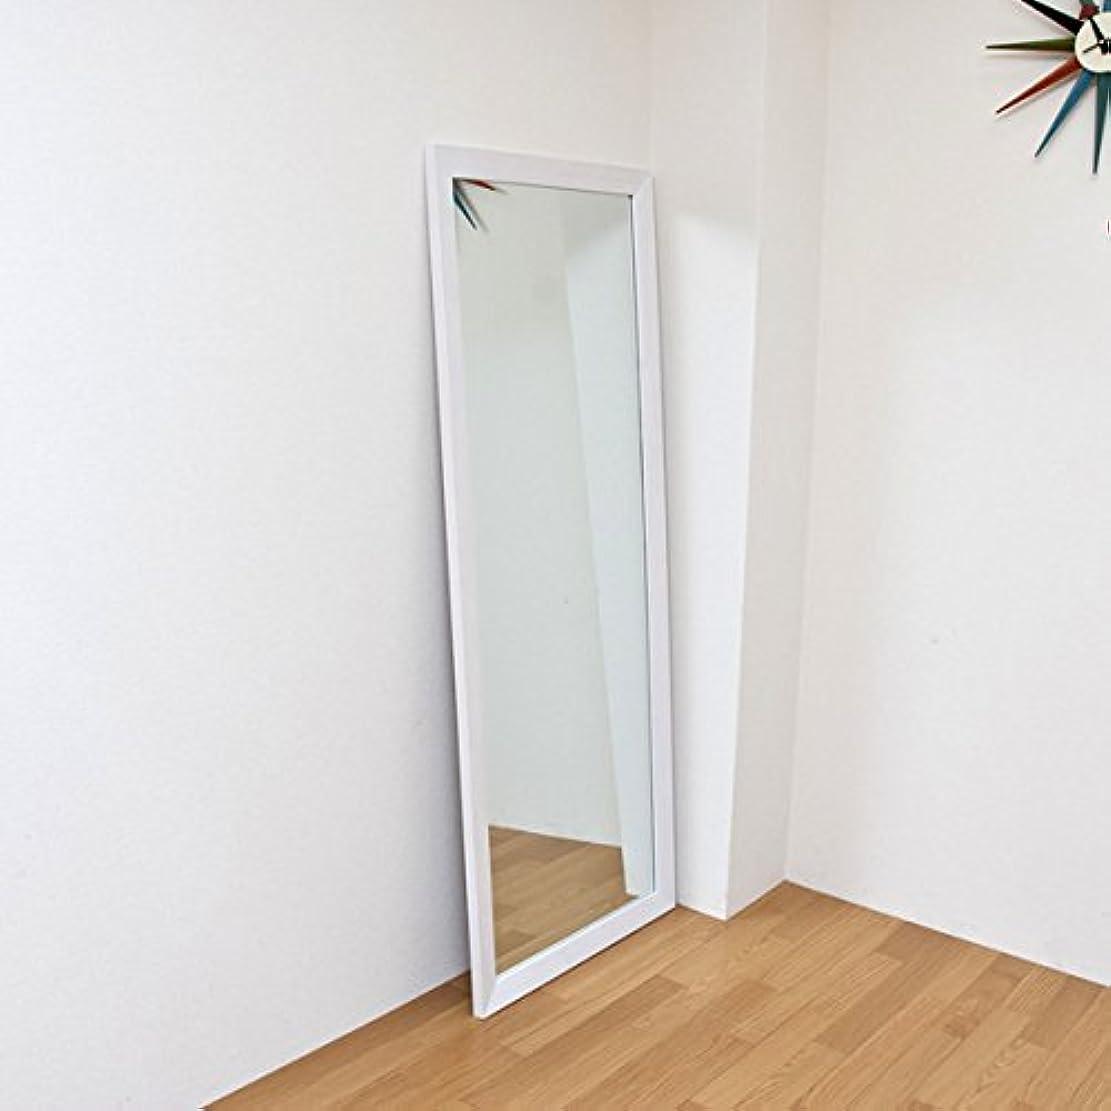 カテゴリー妥協保有者ジャンボミラー 立て掛けタイプ 幅66cm×高さ166cm[ホワイト?白]/転倒防止金具付属 大きい鏡 大型姿見